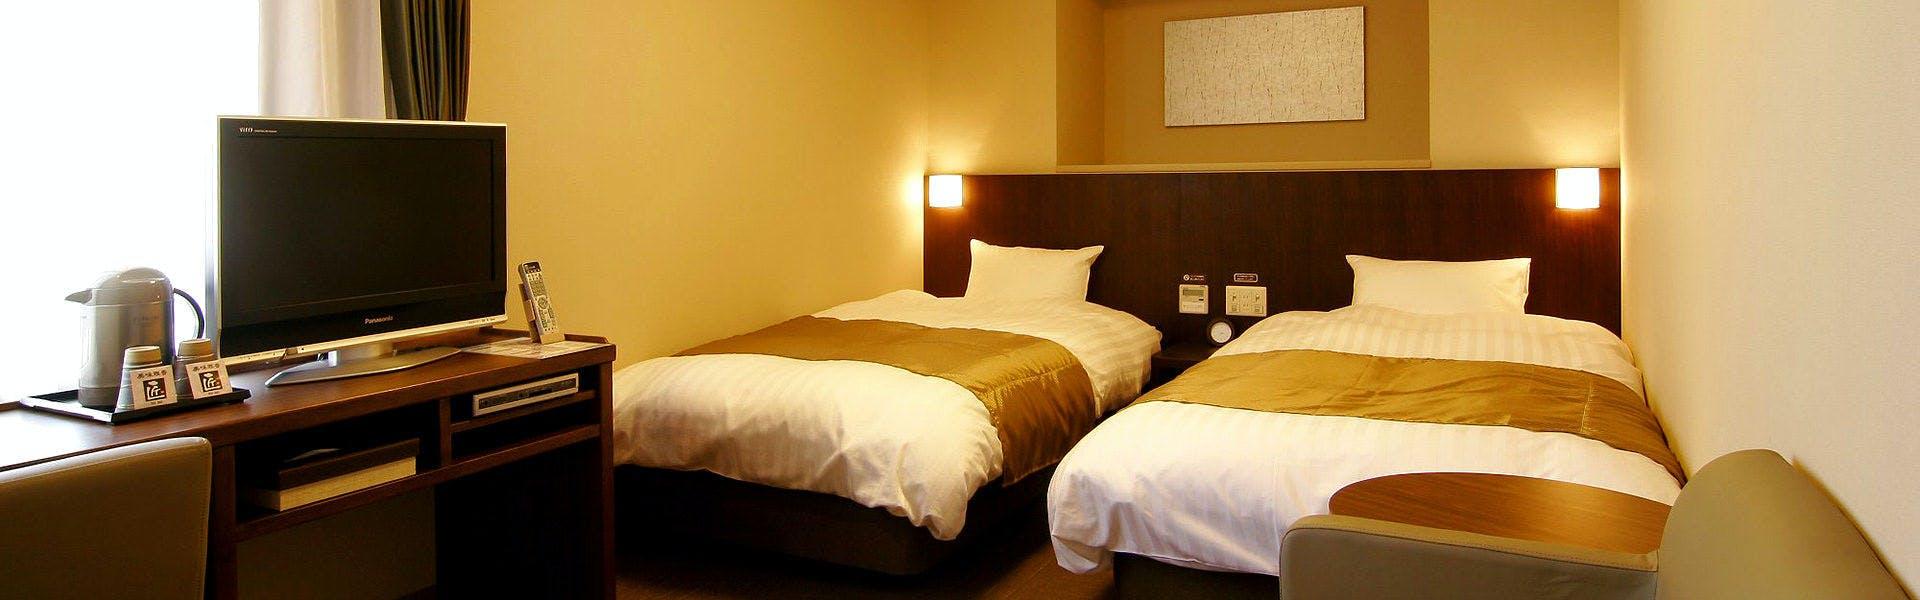 記念日におすすめのホテル・天然温泉 六花の湯 ドーミーイン熊本の写真1